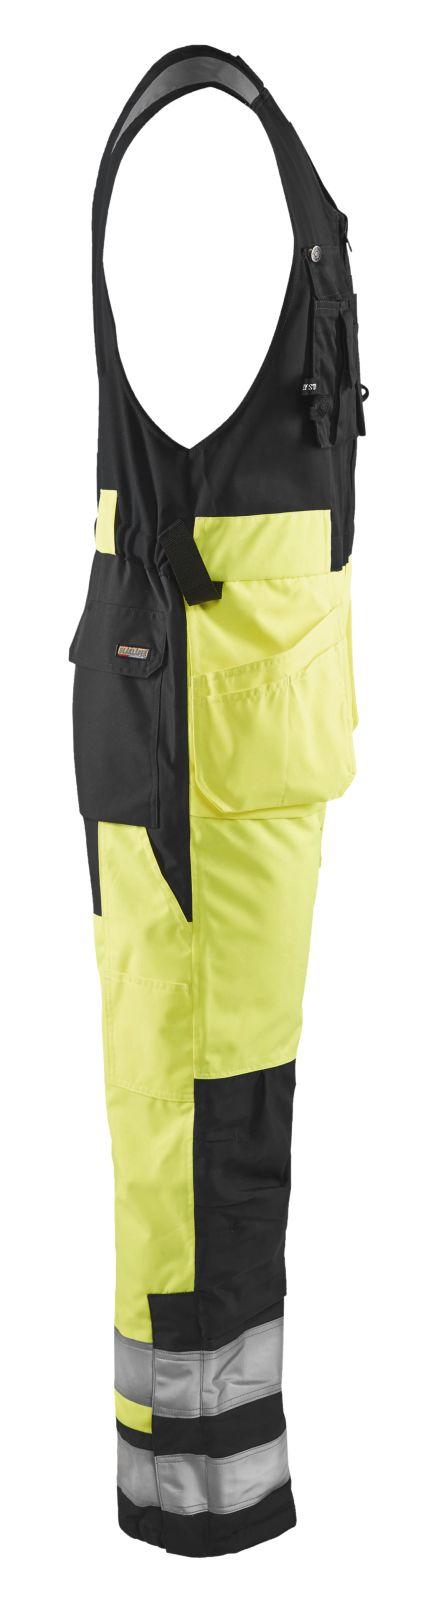 Blaklader Bodybroeken 85041977 High Vis geel-zwart(3399)